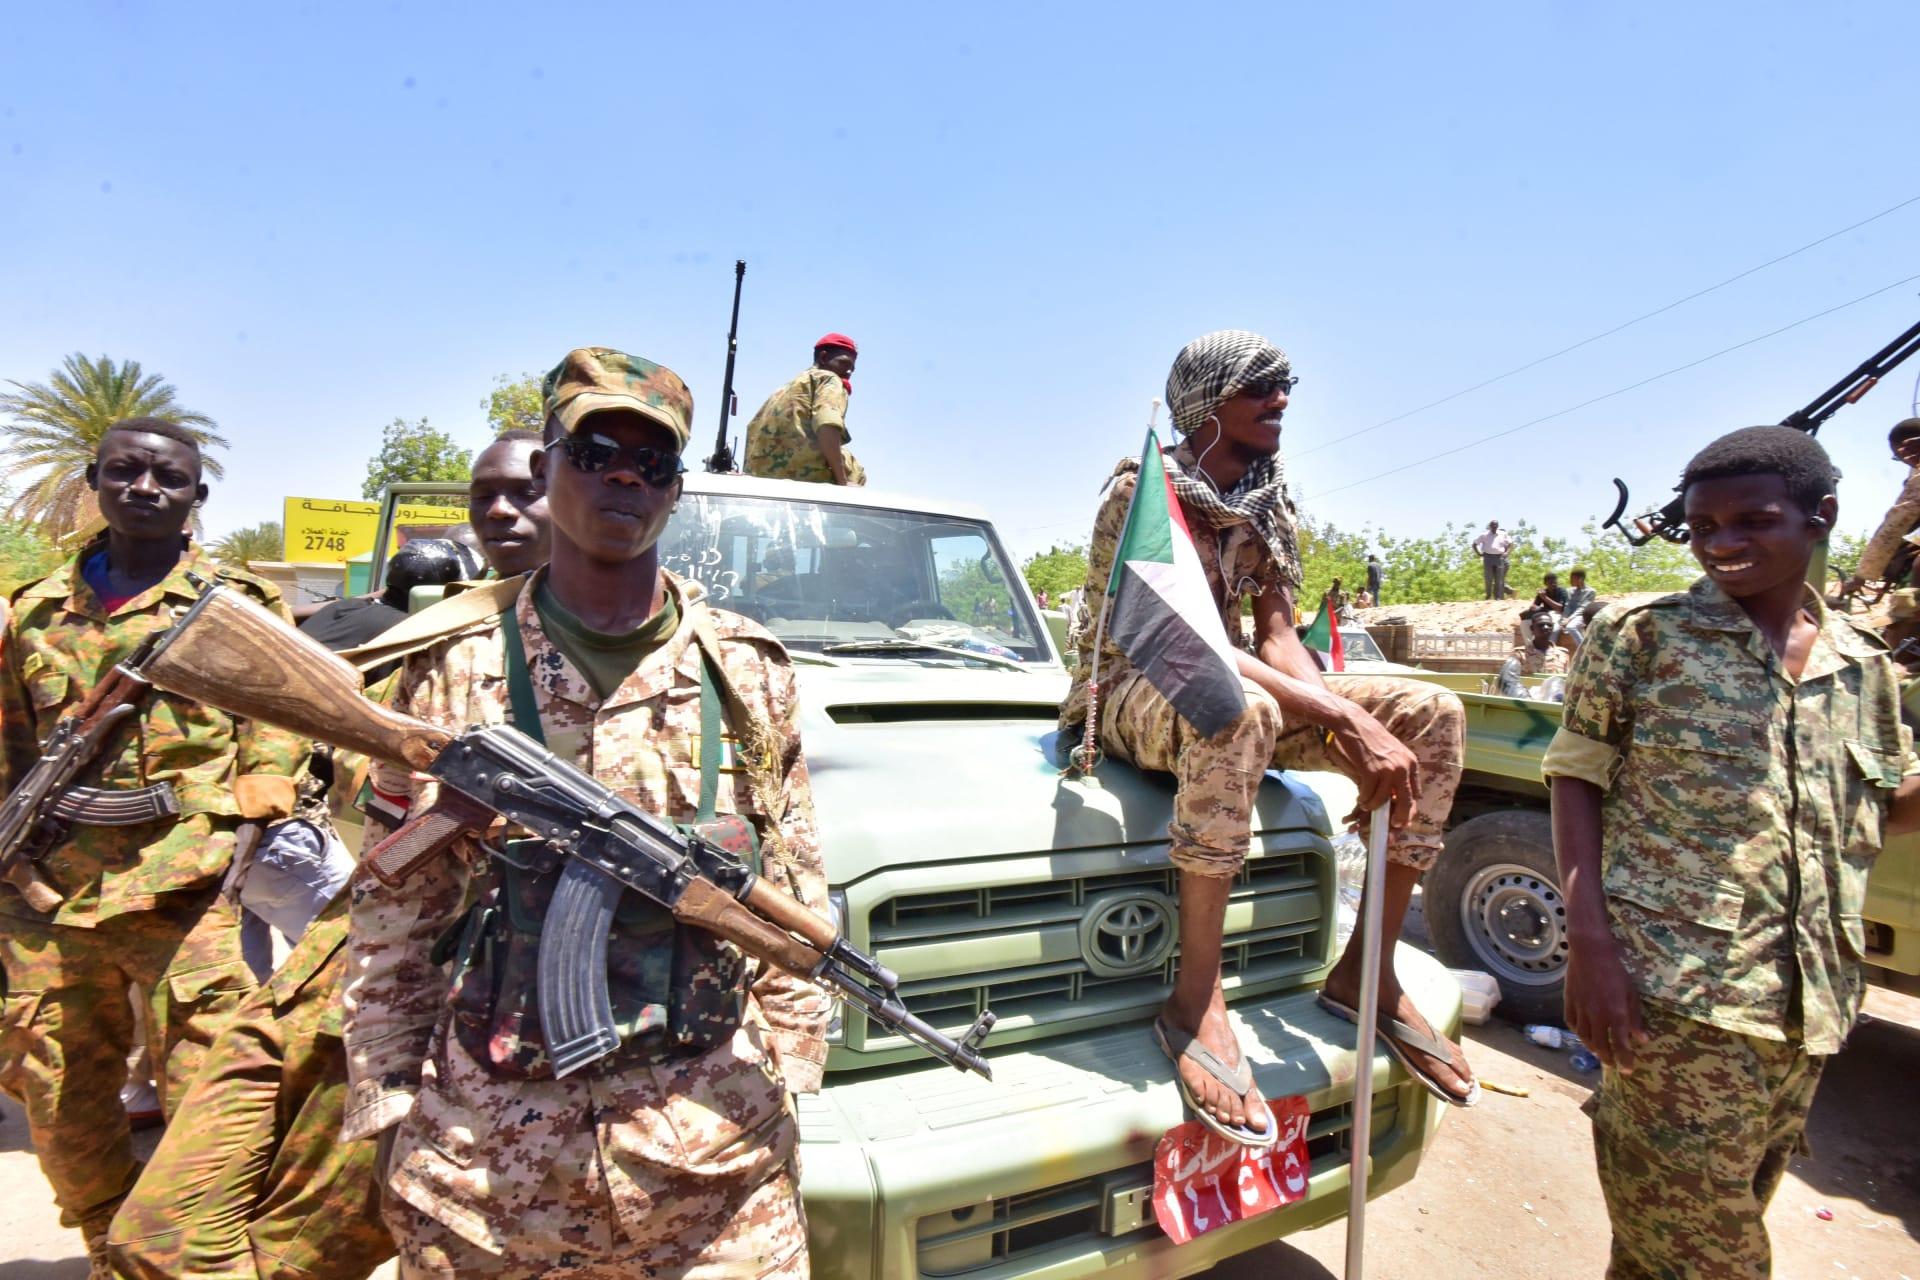 المجلس العسكري السوداني يوضح موقفه من حرب اليمن.. واتصال بين الملك سلمان والبرهان